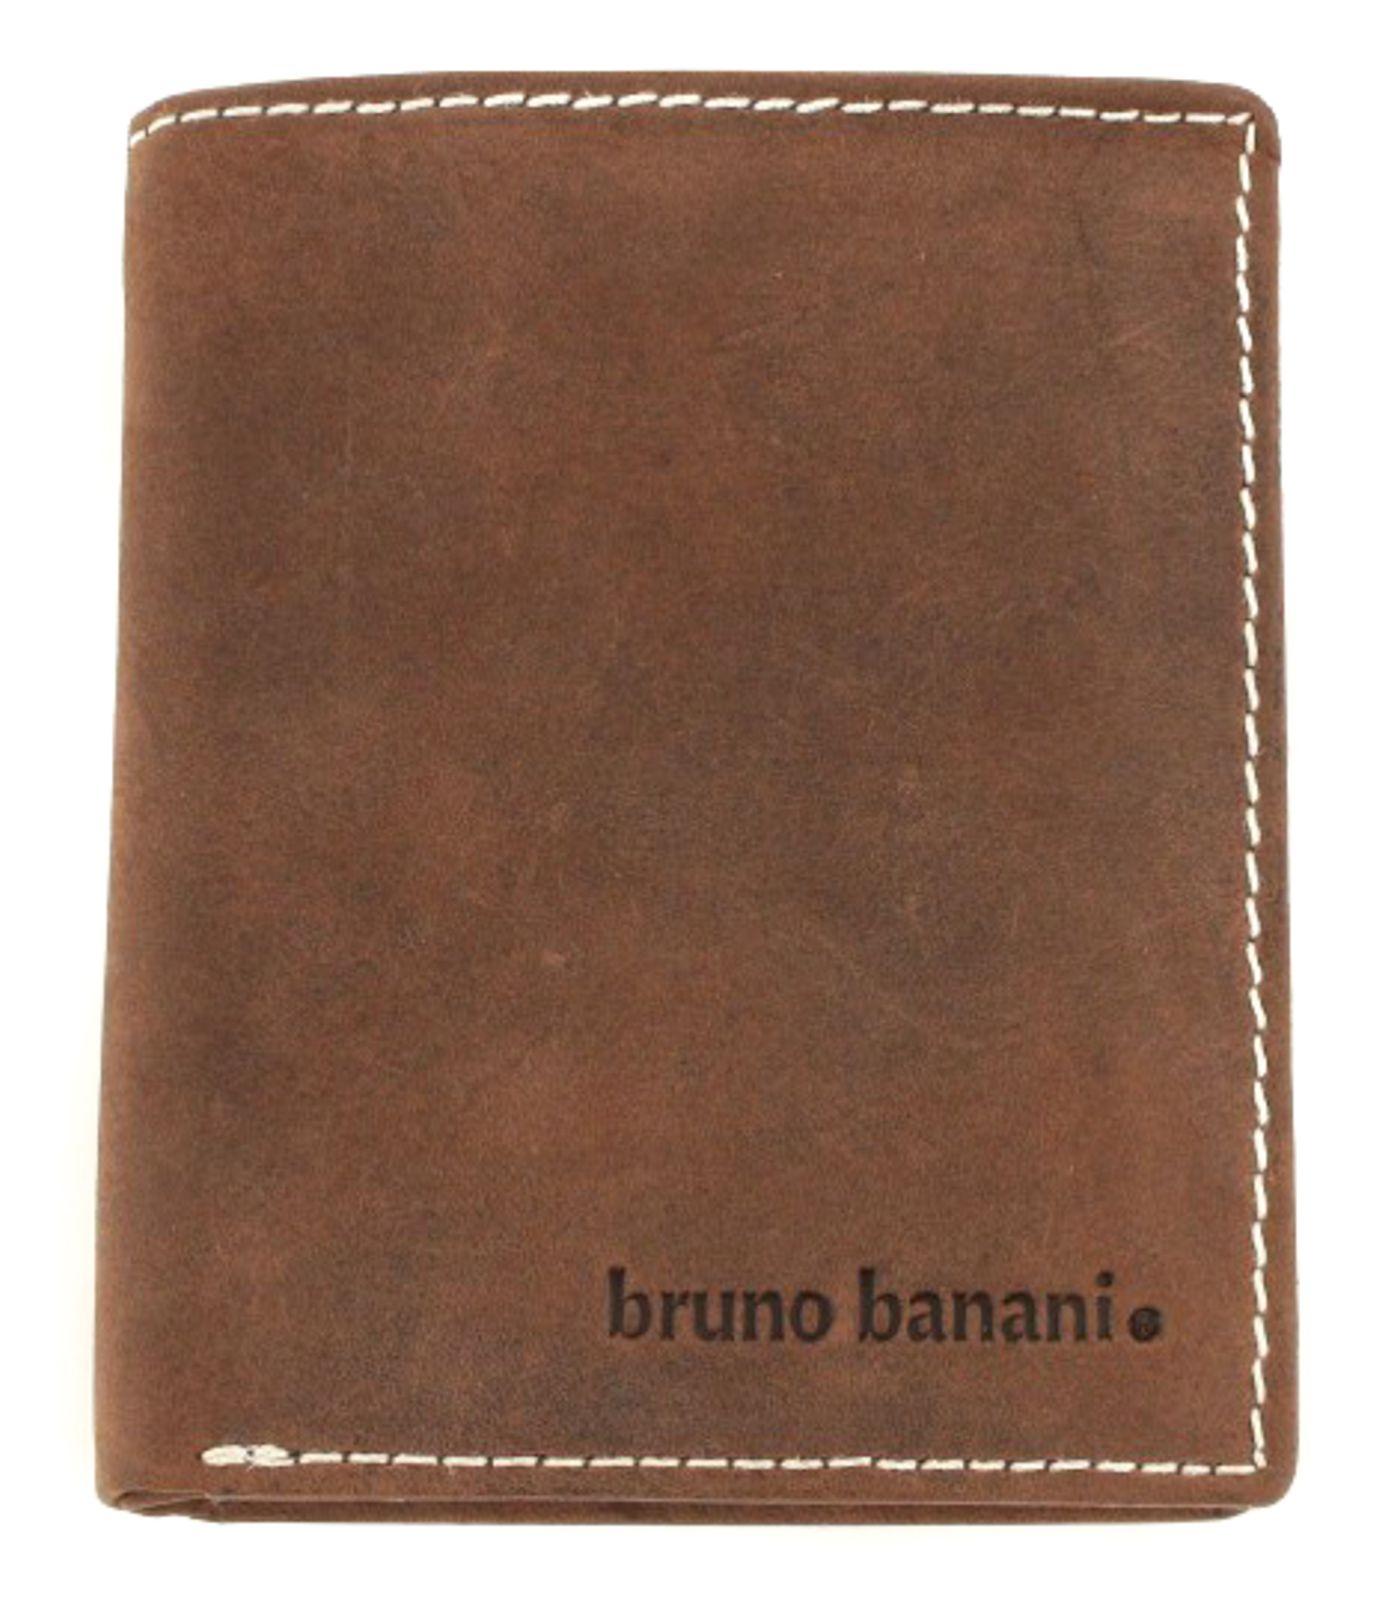 bruno banani Phoenix Scheintasche Hoch Geldbörse Portemonnaie Braun